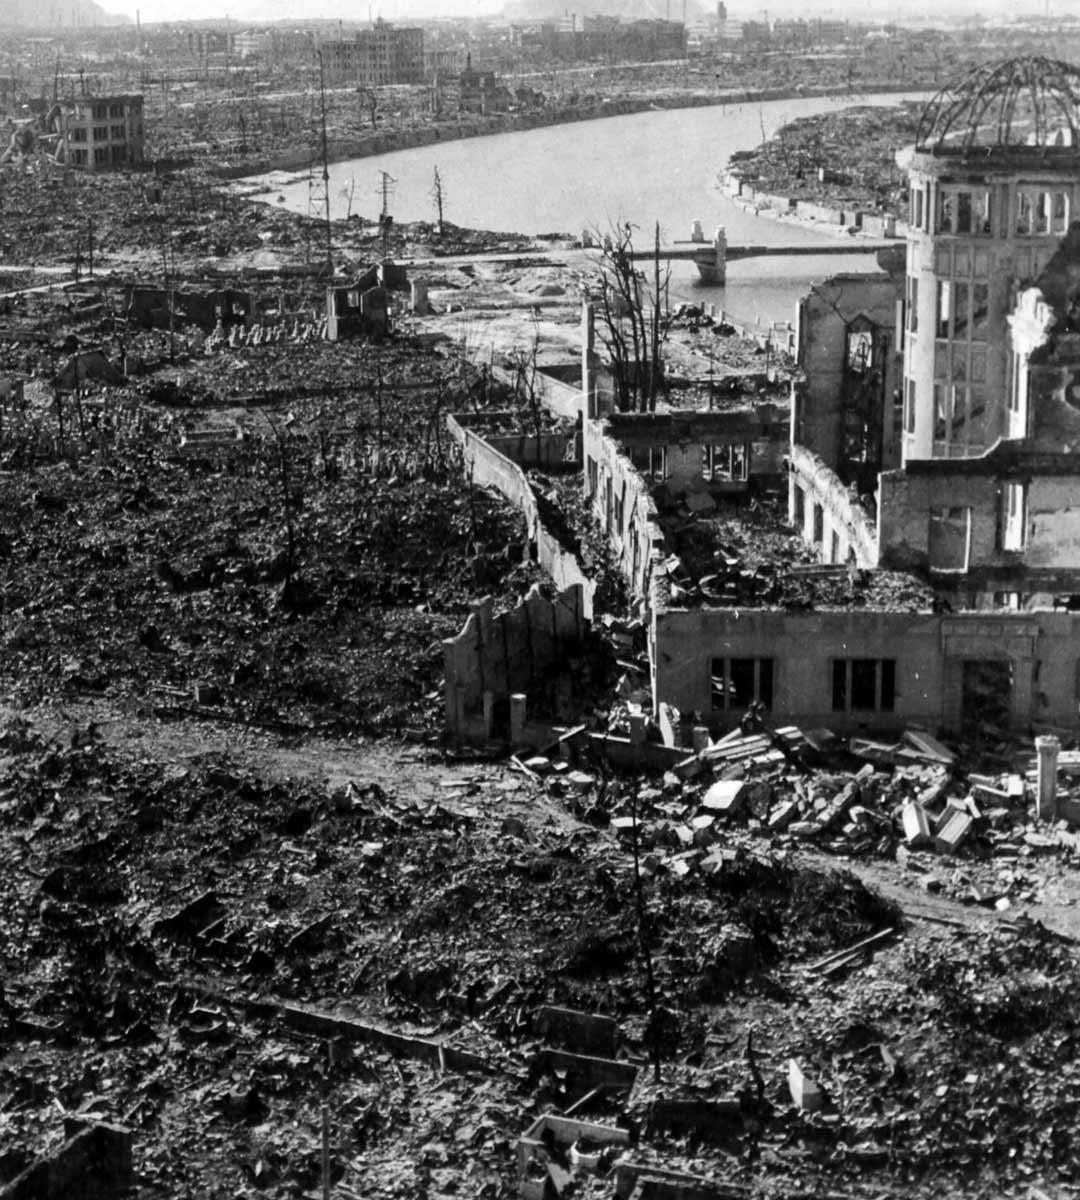 Hiroshima oli atomipommin jälkeen kuin pois pyyhkäisty. Henkiin jääneet eivät juurikaan saaneet apua, sillä kaupungin 50 sairaalasta oli jäljellä vain kolme.